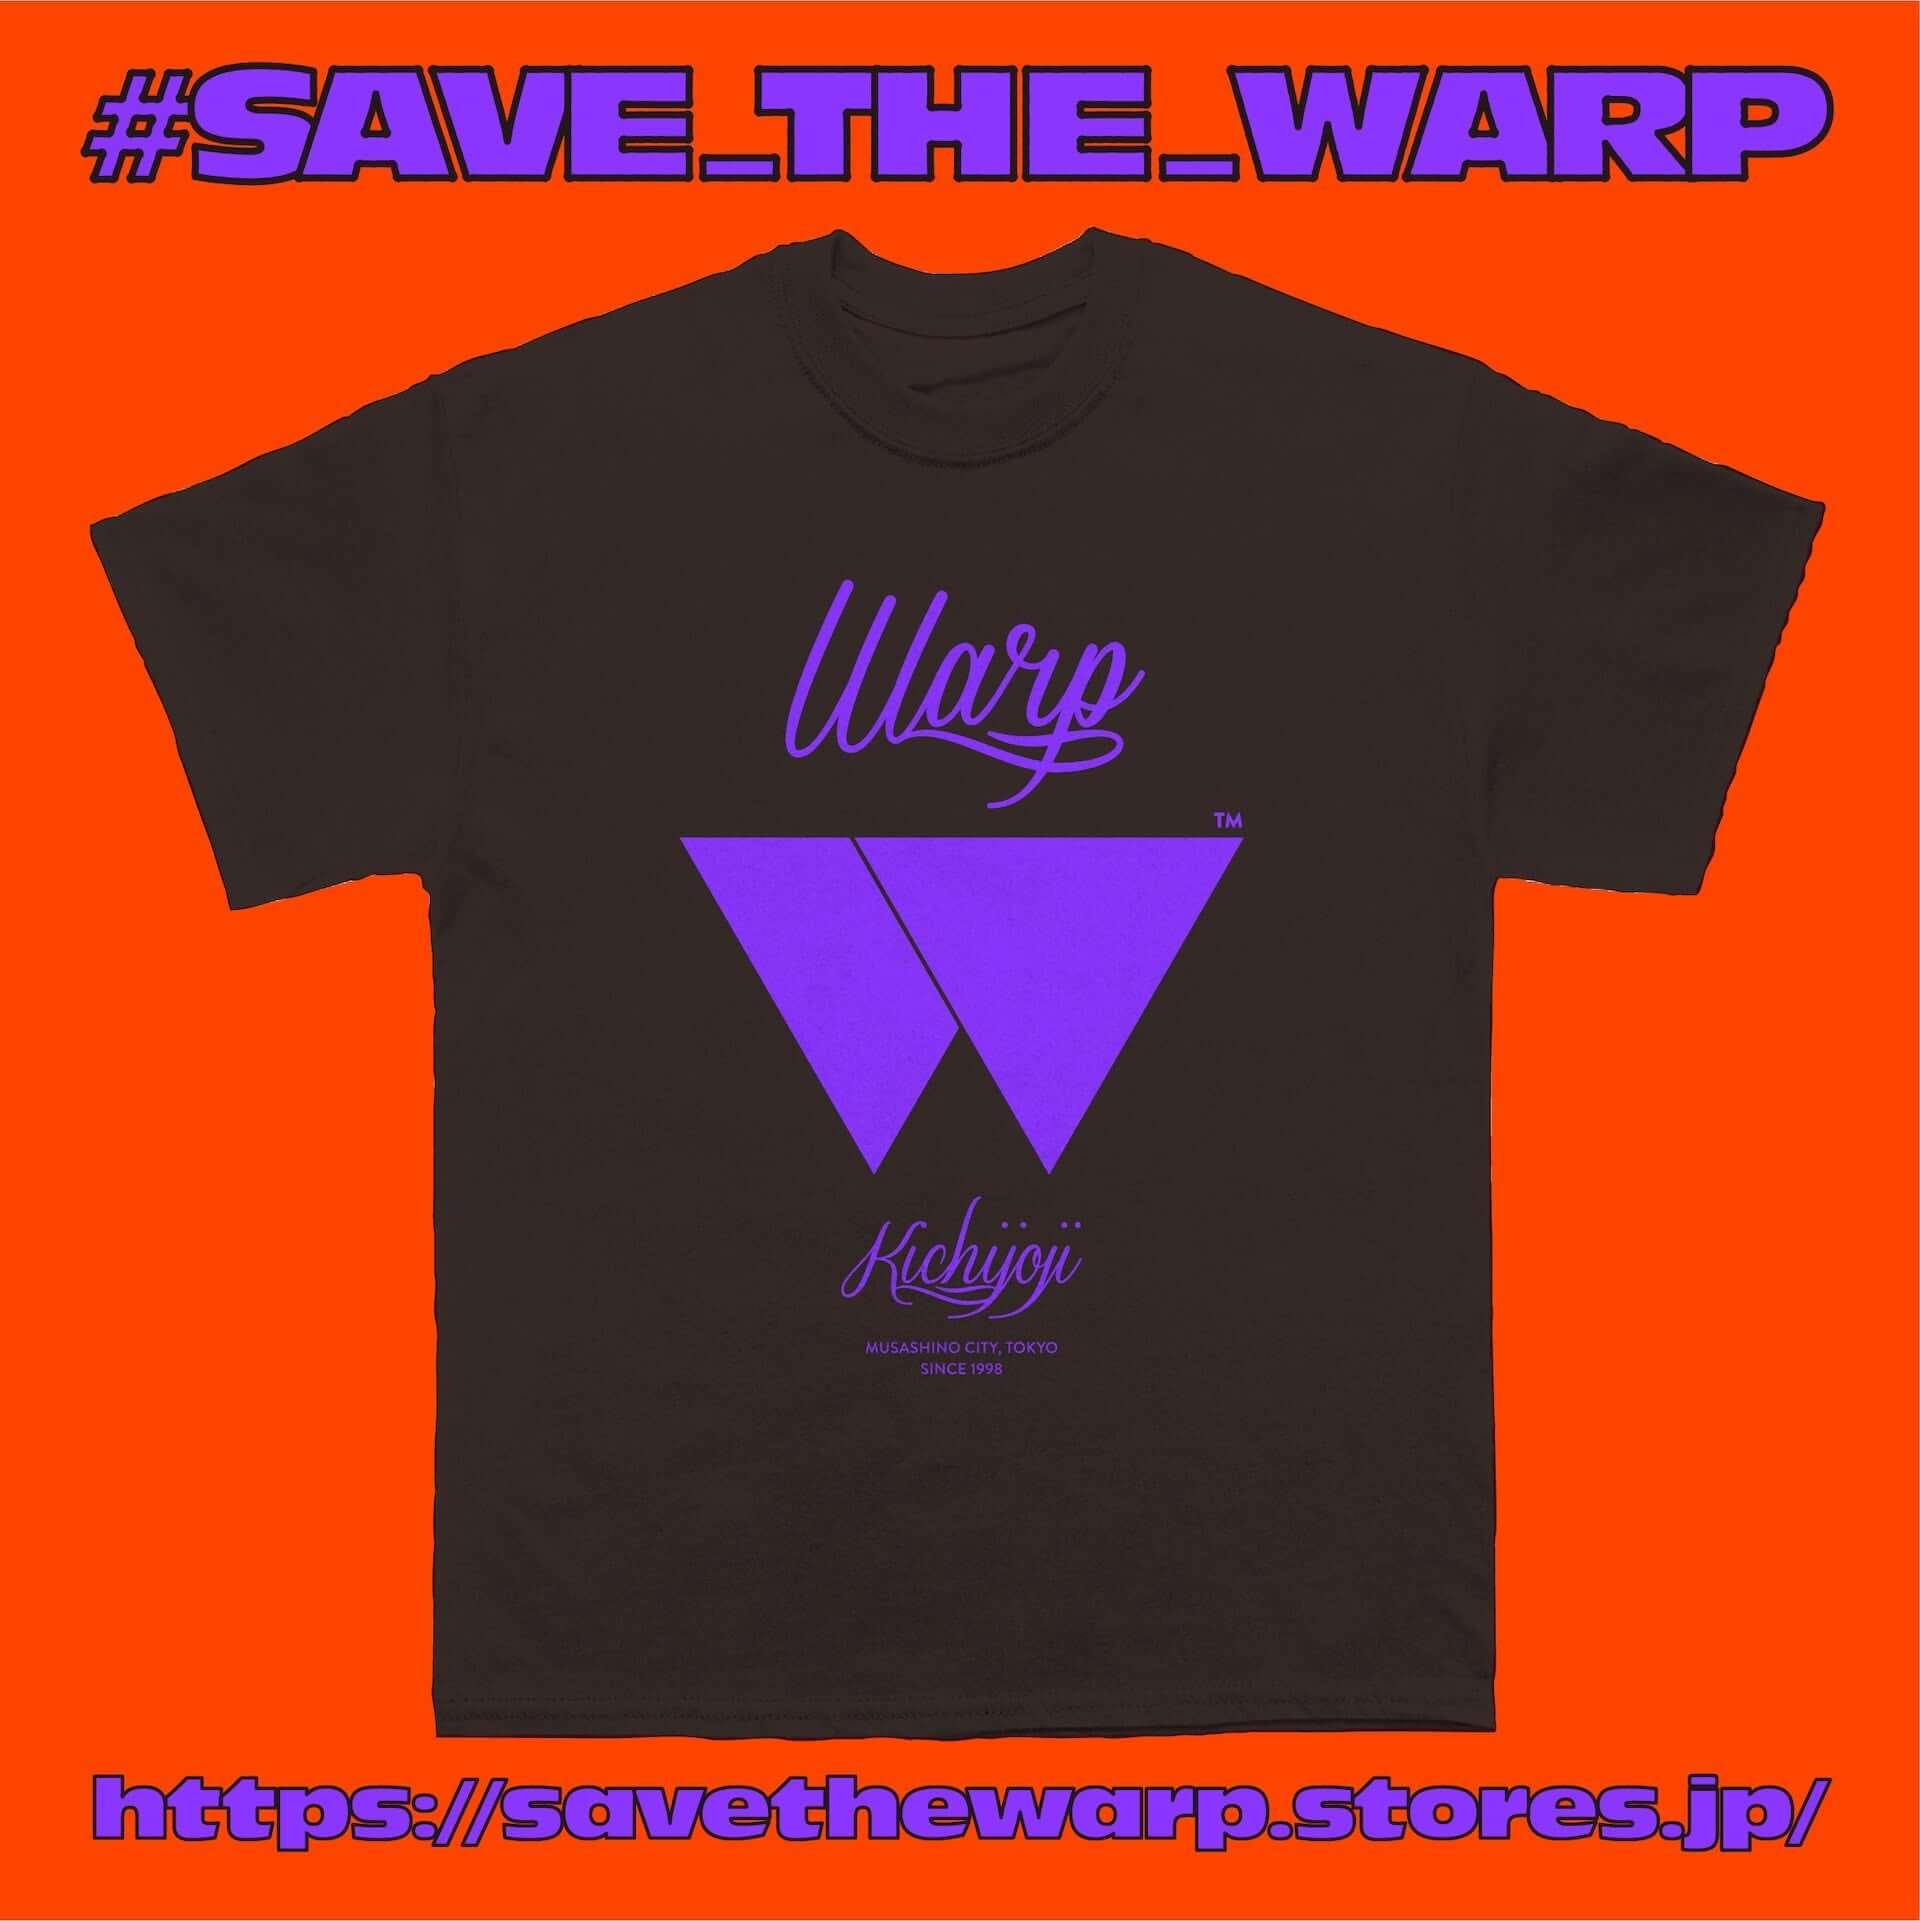 吉祥寺WARP応援プロジェクト「SAVE THE WARP」が始動|Wienners、忘れらんねえよ柴田ら44組参加のコンピが発売決定 music200721_savethewarp_6-1920x1921